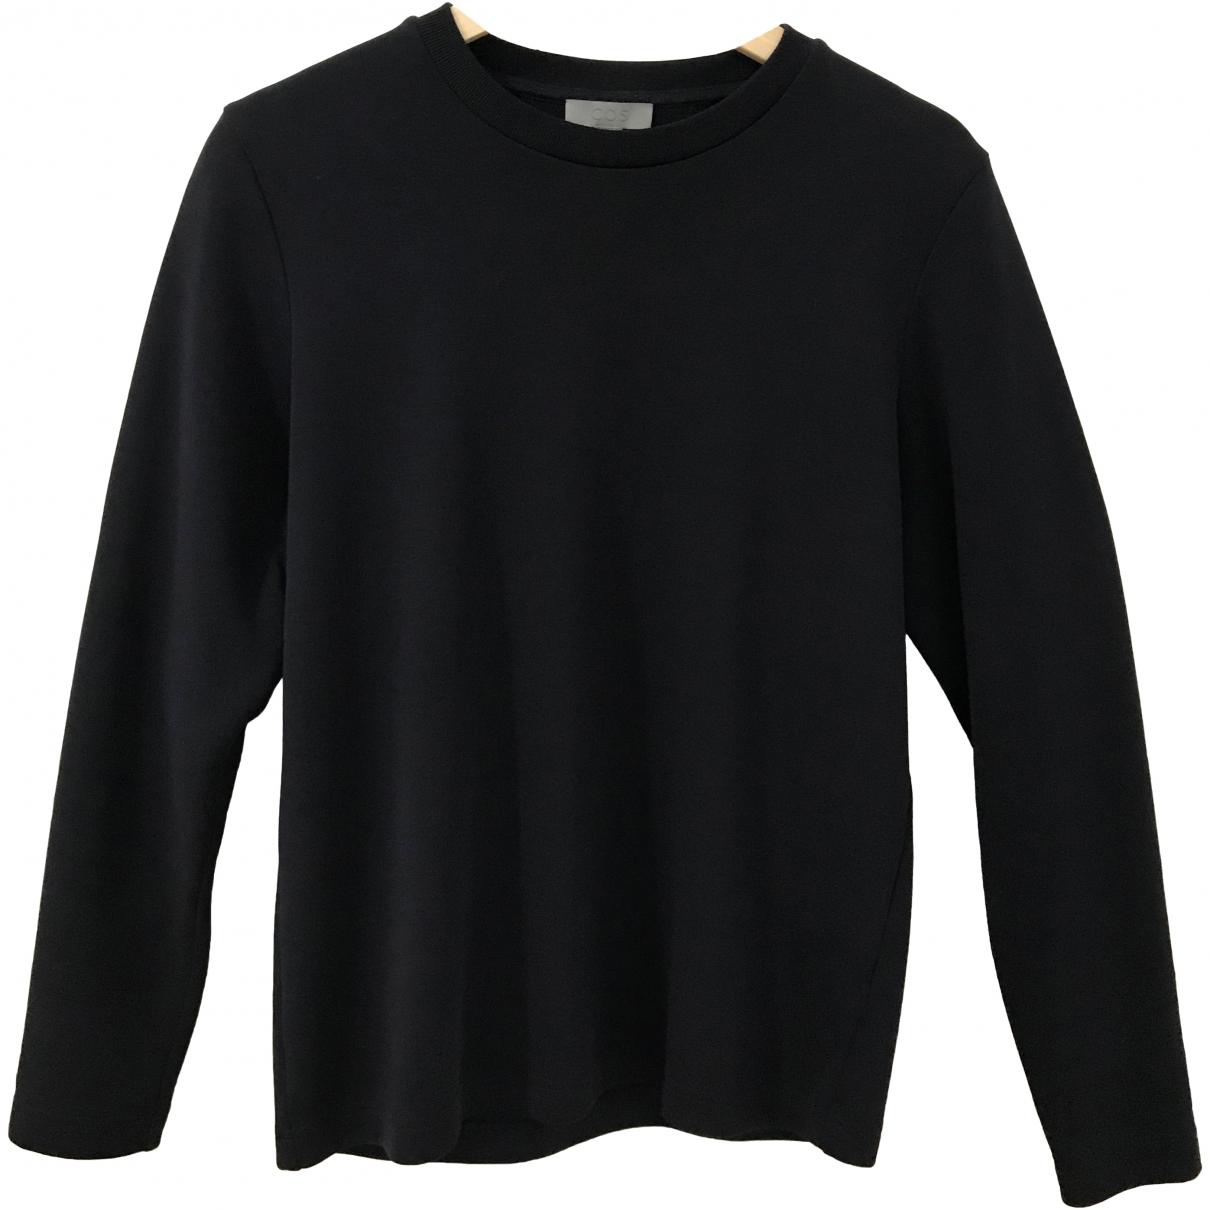 Cos \N Blue Cotton Knitwear & Sweatshirts for Men S International